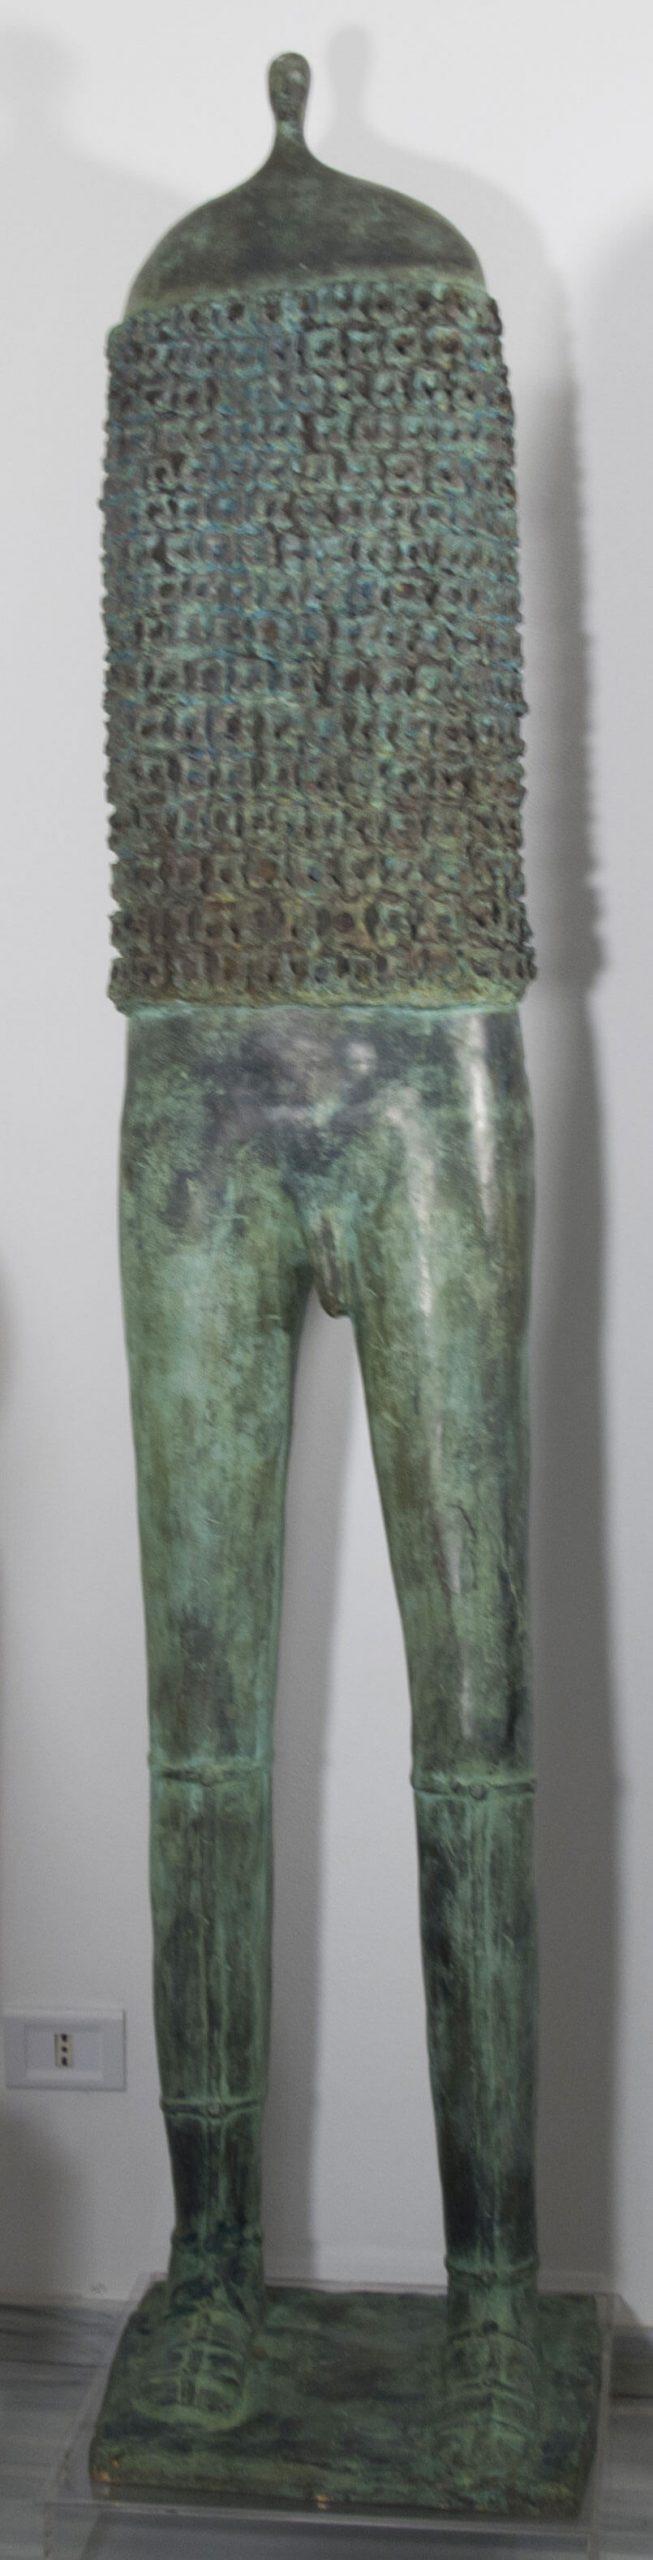 Guerriero-Uomo---42x38h204cm---Bronzo-3_6